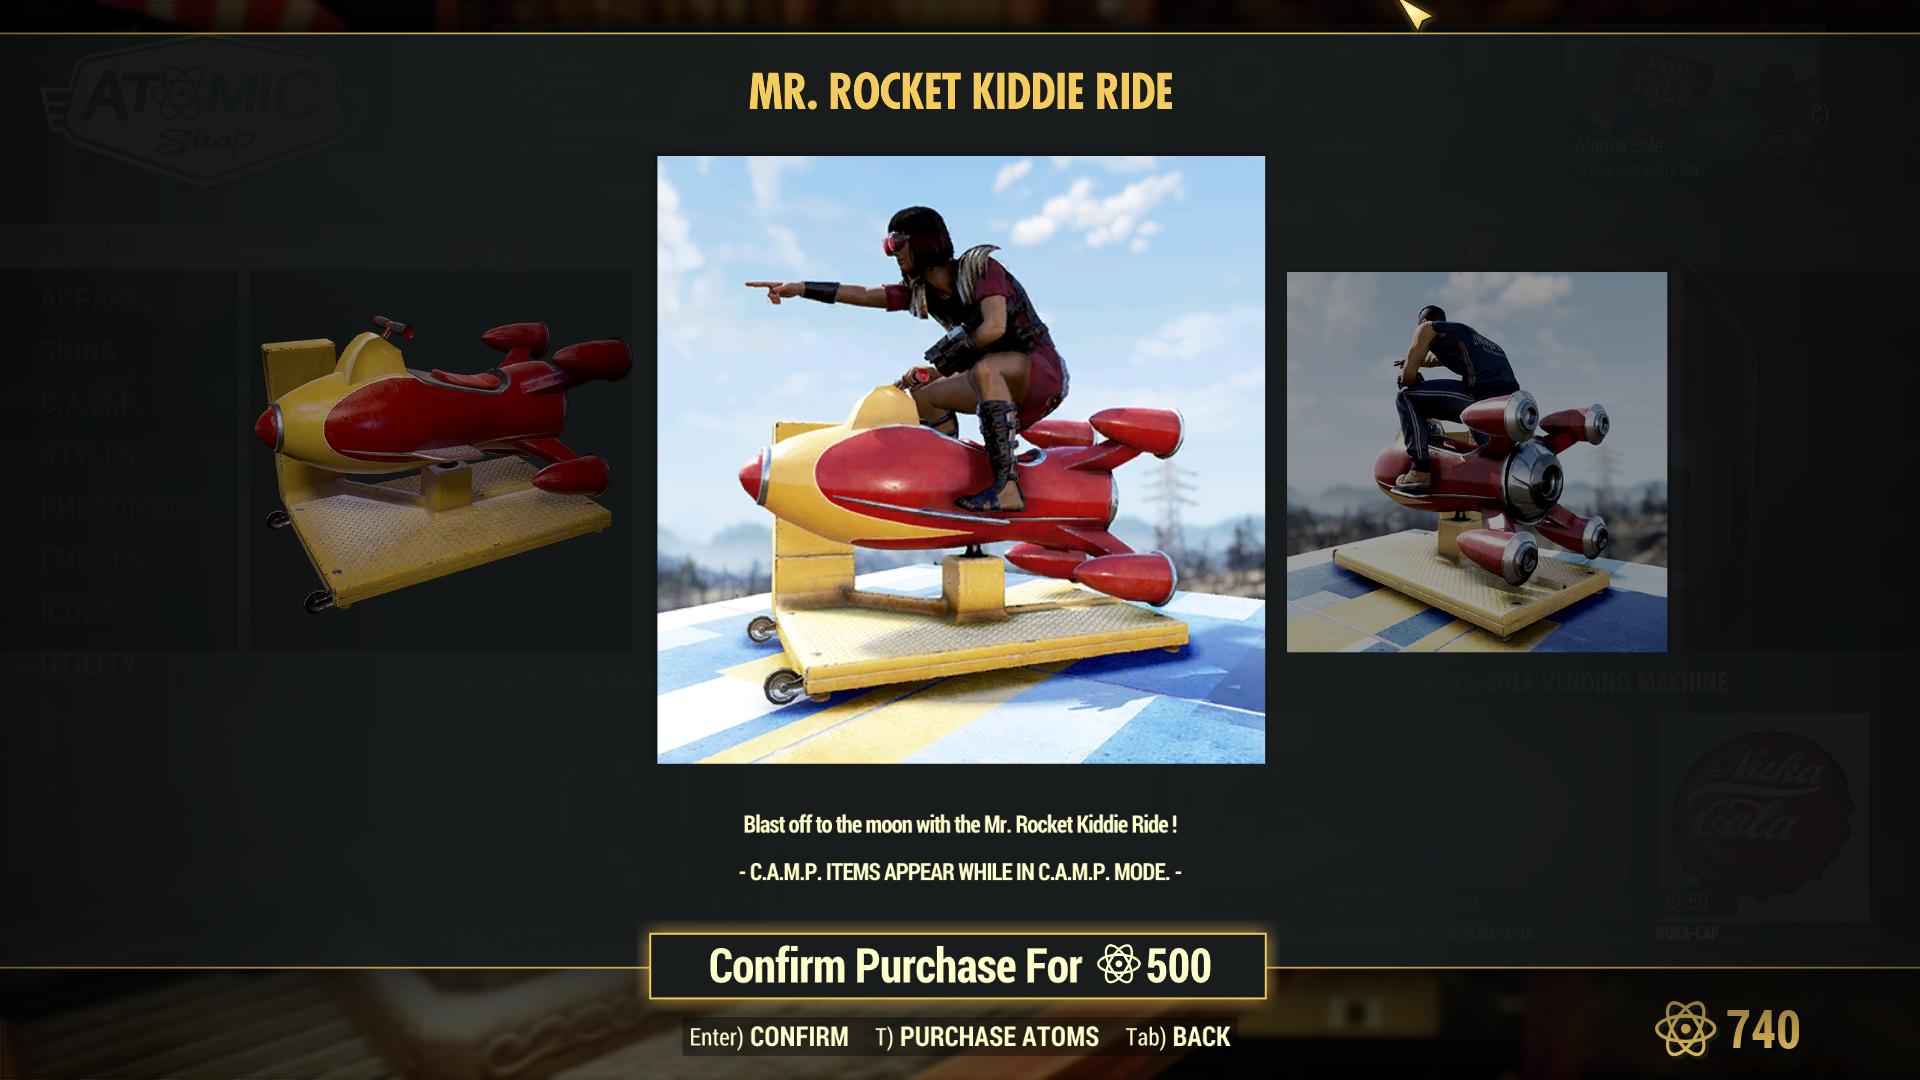 Mr. Rocket Kiddie Ride